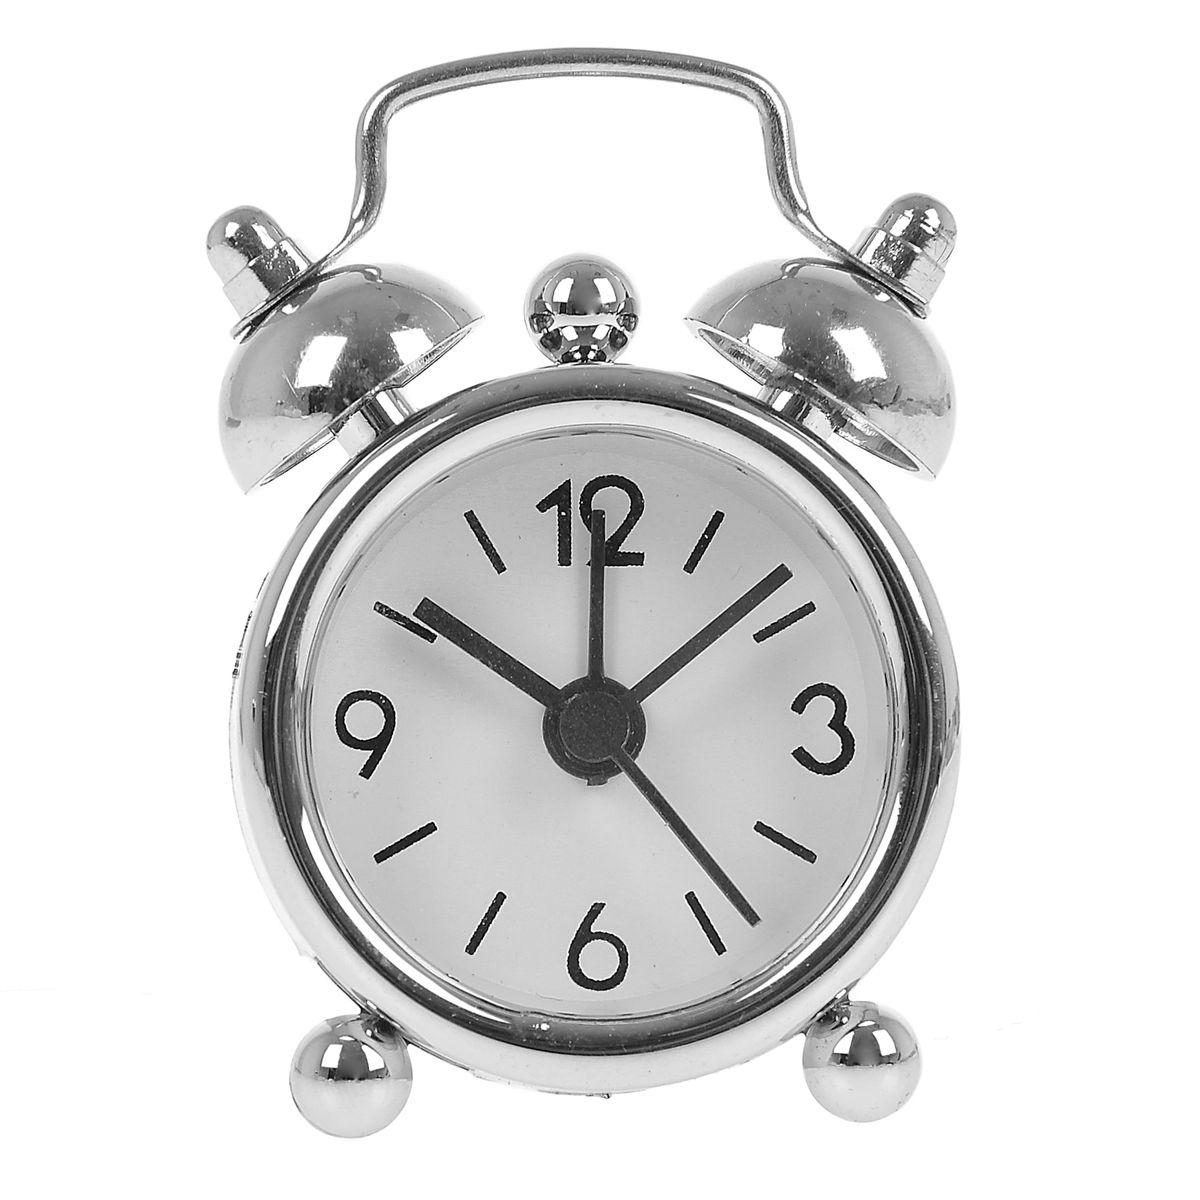 Часы-будильник Sima-land, цвет: серебристый. 840939840939Как же сложно иногда вставать вовремя! Всегда так хочется поспать еще хотя бы 5 минут и бывает, что мы просыпаем. Теперь этого не случится! Яркий, оригинальный будильник Sima-land поможет вам всегда вставать в нужное время и успевать везде и всюду. Будильник украсит вашу комнату и приведет в восхищение друзей. Эта уменьшенная версия привычного будильника умещается на ладони и работает так же громко, как и привычные аналоги. Время показывает точно и будит в установленный час.На задней панели будильника расположены переключатель включения/выключения звонка, который будет подавать звуковой сигнал, пока не будет отключен, а также два колесика для настройки текущего времени и времени звонка будильника. Будильник работает от 1 батарейки типа LR44 (входит в комплект).